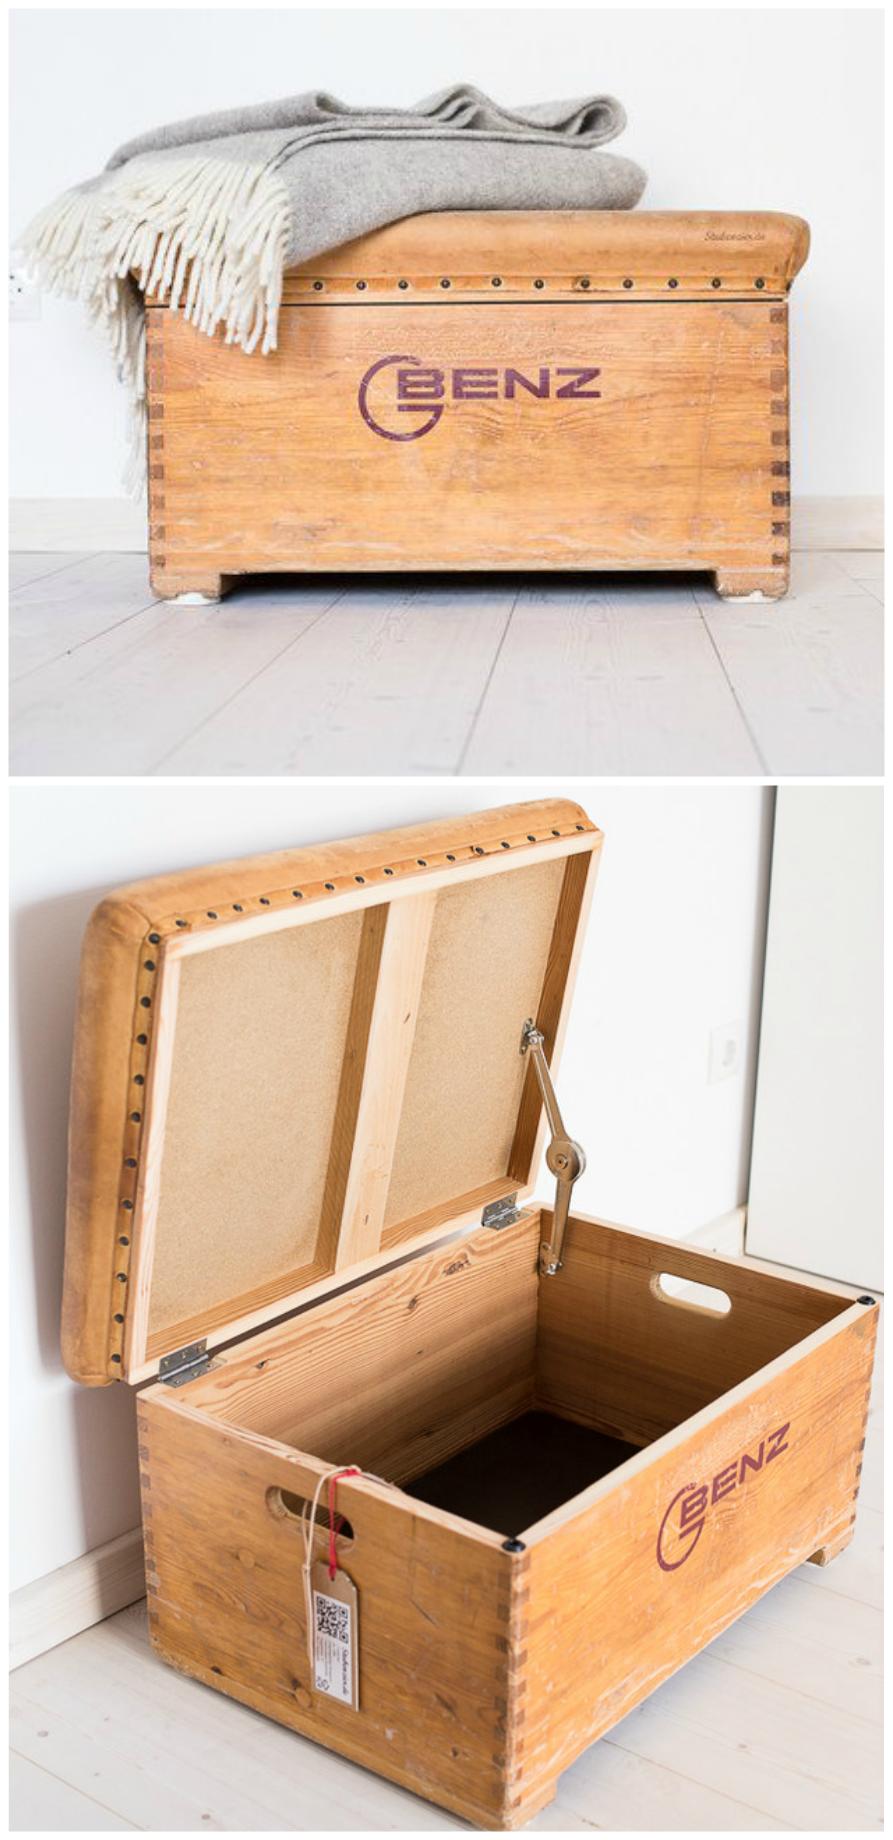 truhe aus kleinem alten turnkasten gefertigt geschenke kaufen das zuhause und truhe. Black Bedroom Furniture Sets. Home Design Ideas